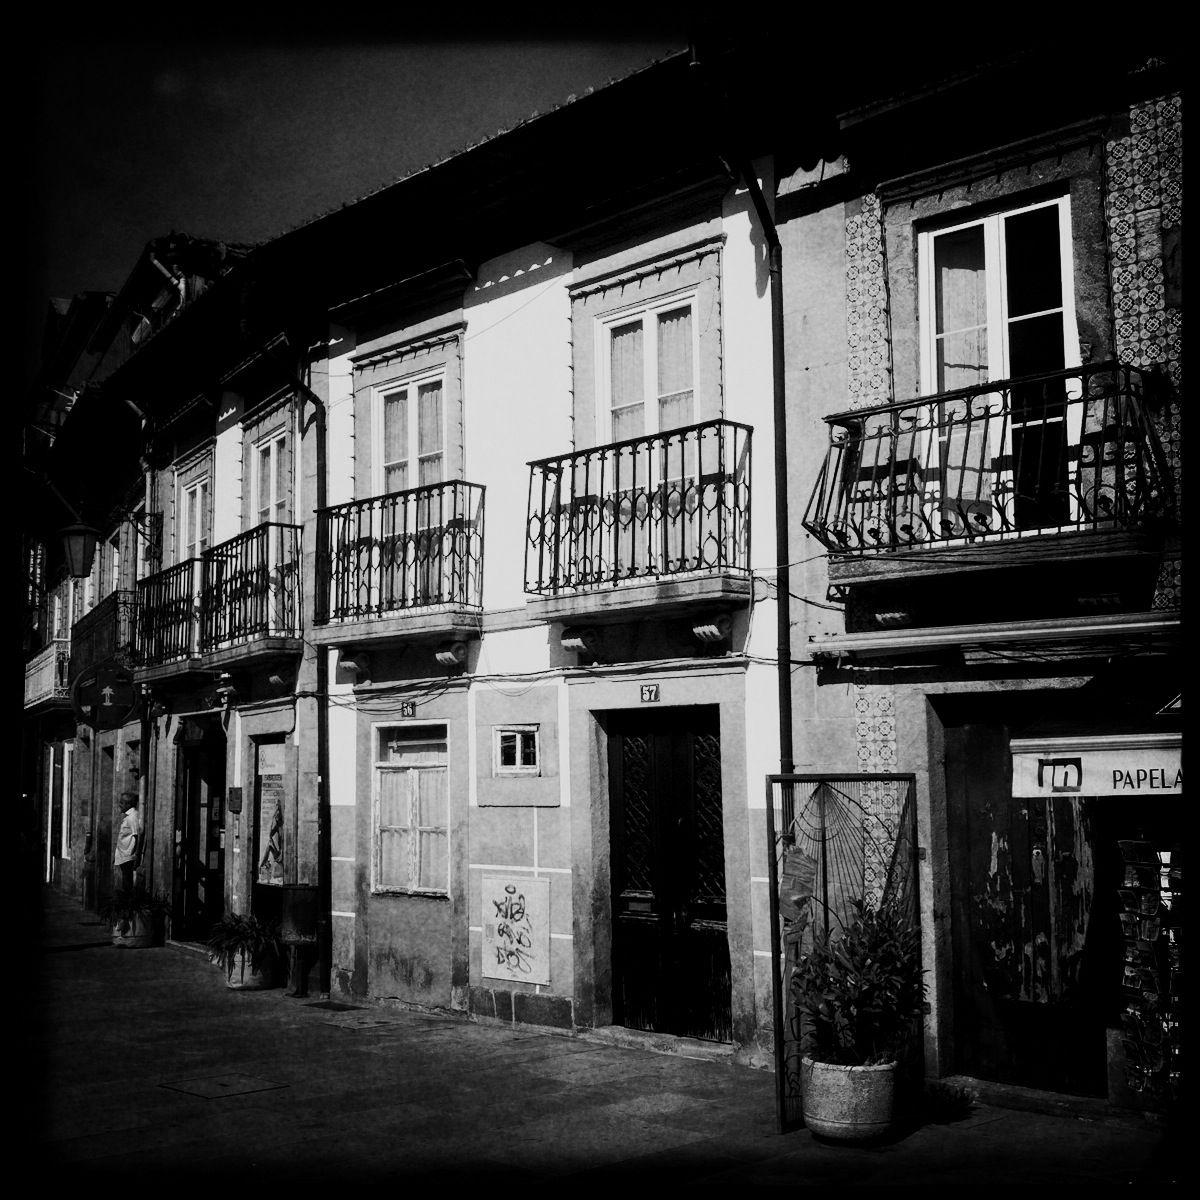 Winzige Häuschen, die mit Azulejos verziert sind: In Viana lebt die Vergangenheit